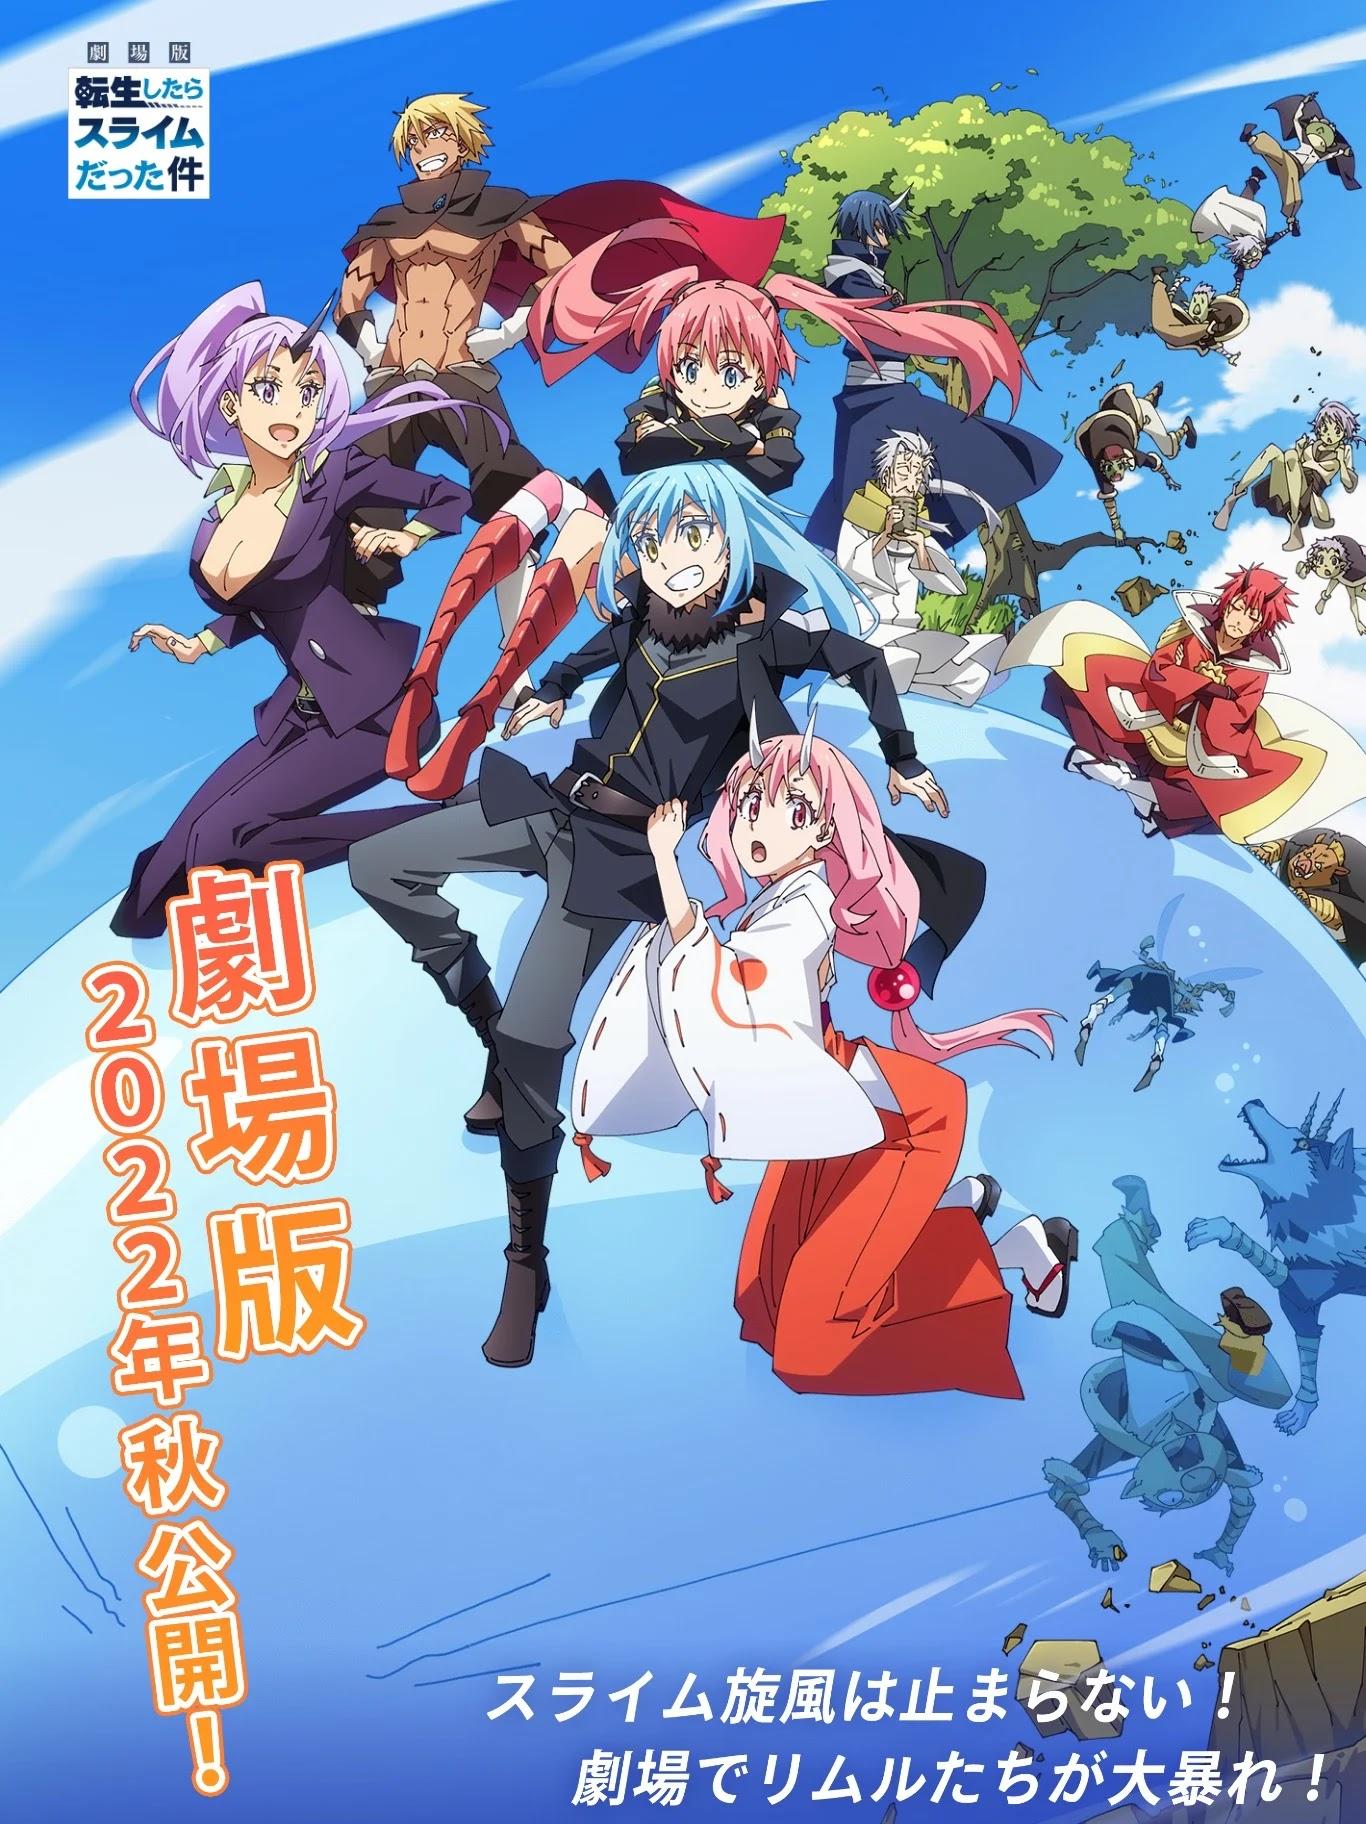 Anunciado Filme de Tensei shitara Slime Datta Ken para 2022